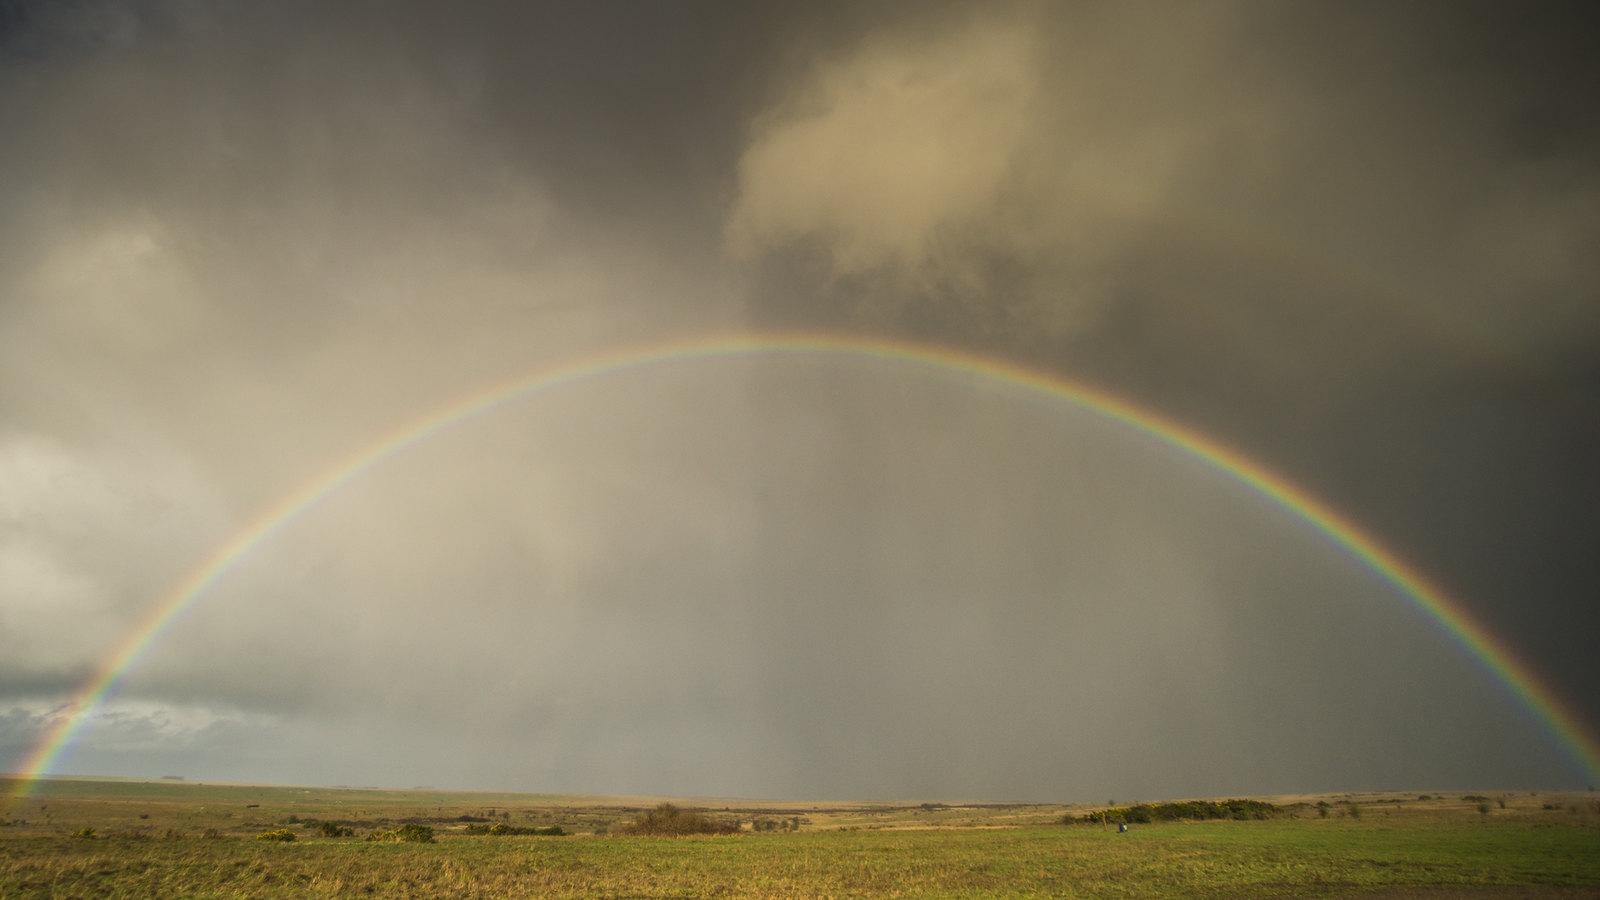 A full rainbow over the Plain